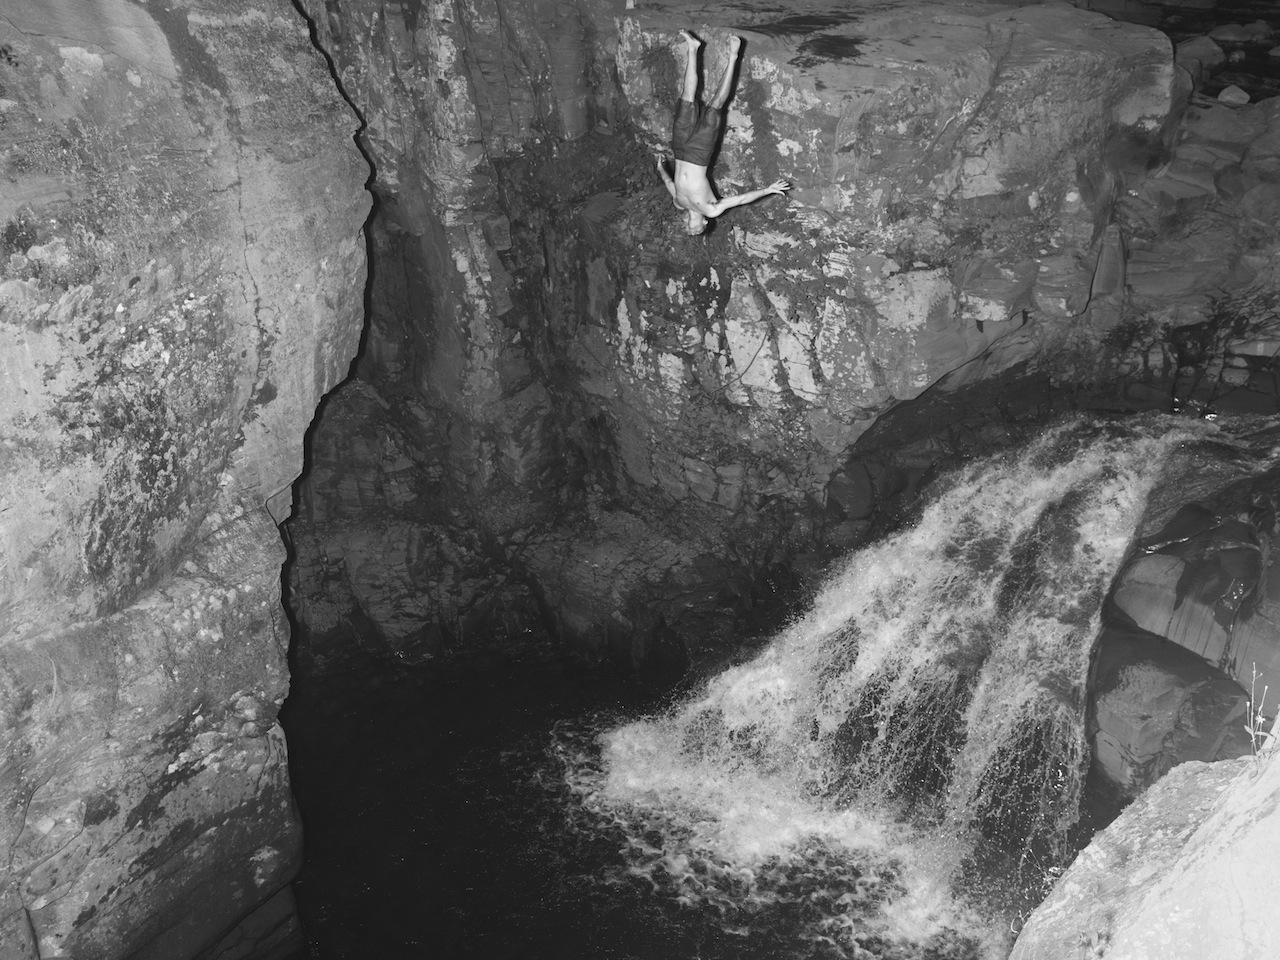 014_Soth_Near-Kaaterskill-Falls-2012